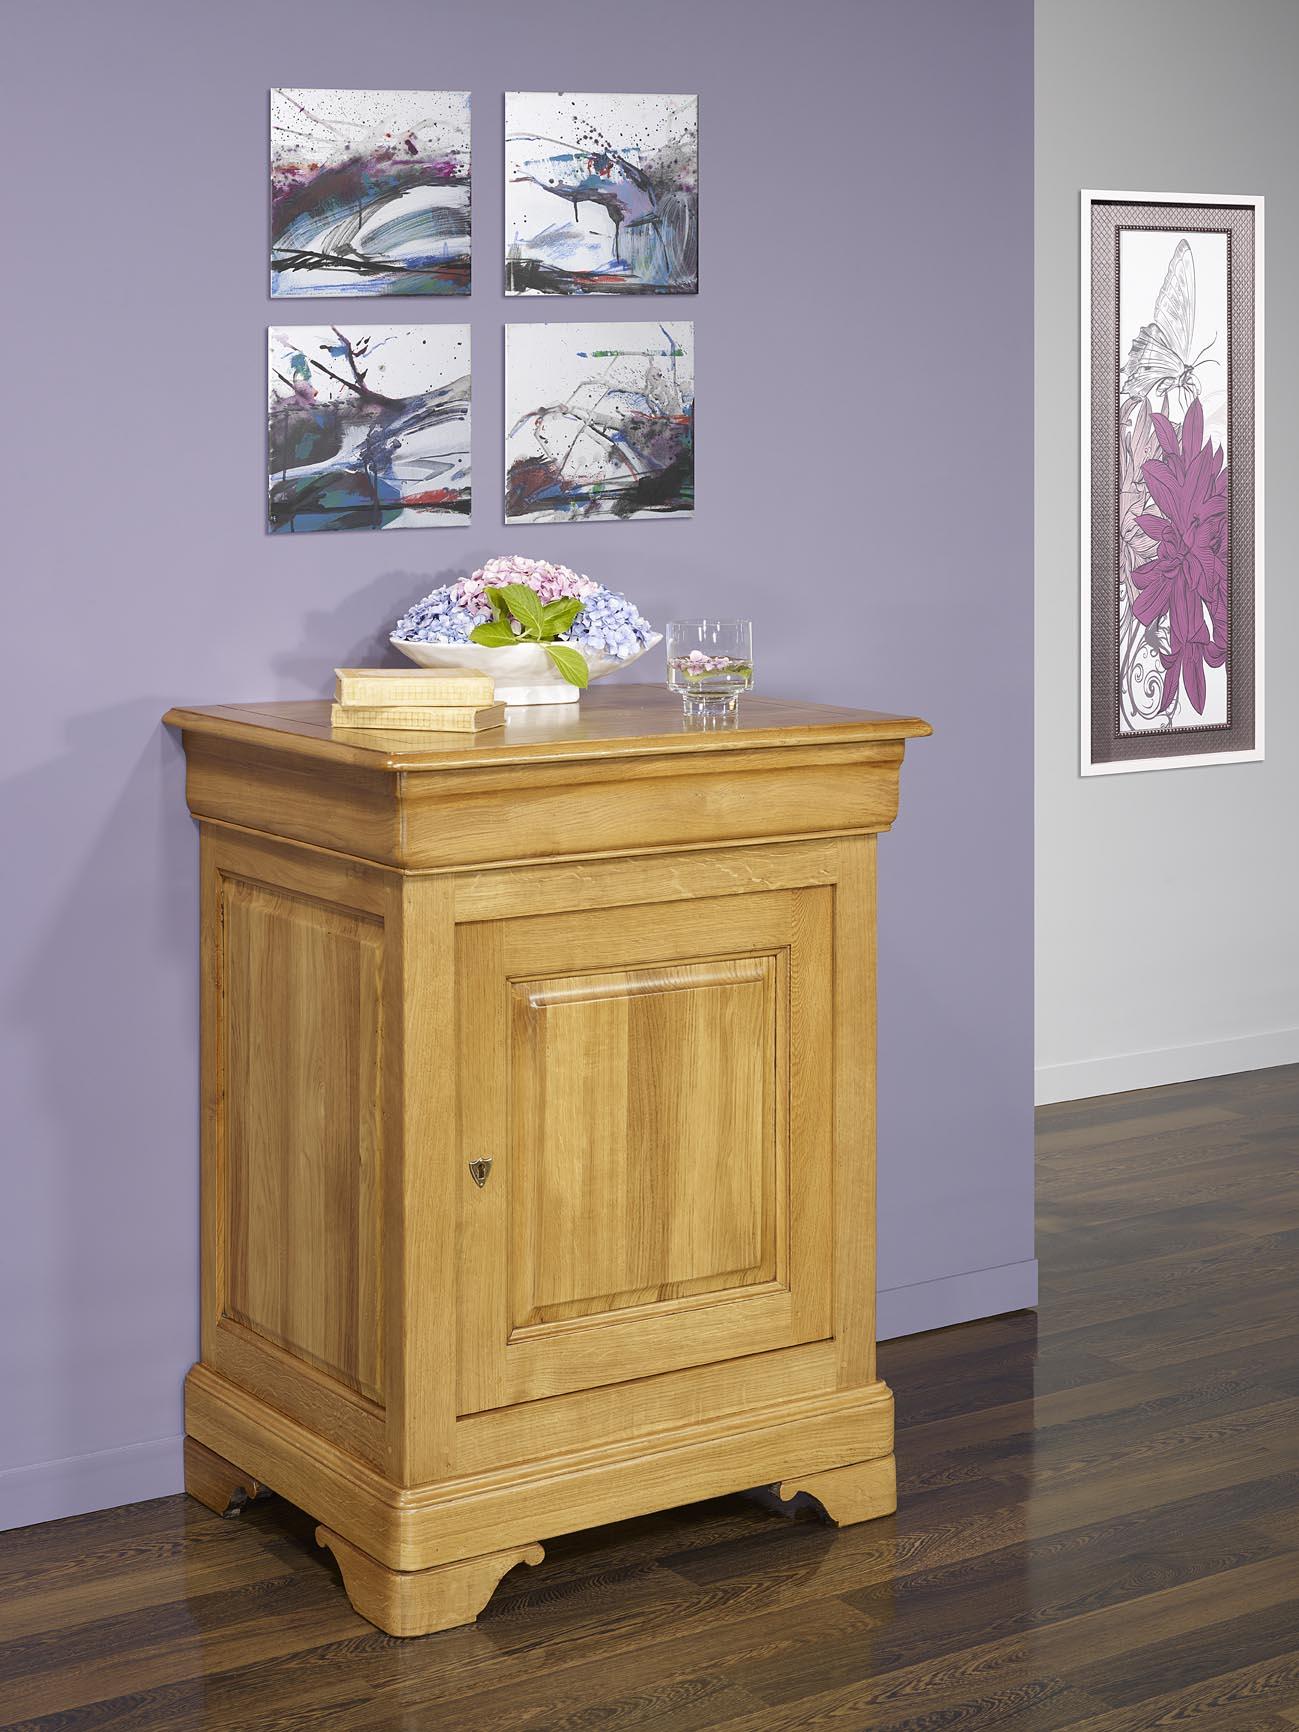 confiturier en ch ne massif de style louis philippe finition ch ne naturel meuble en ch ne massif. Black Bedroom Furniture Sets. Home Design Ideas